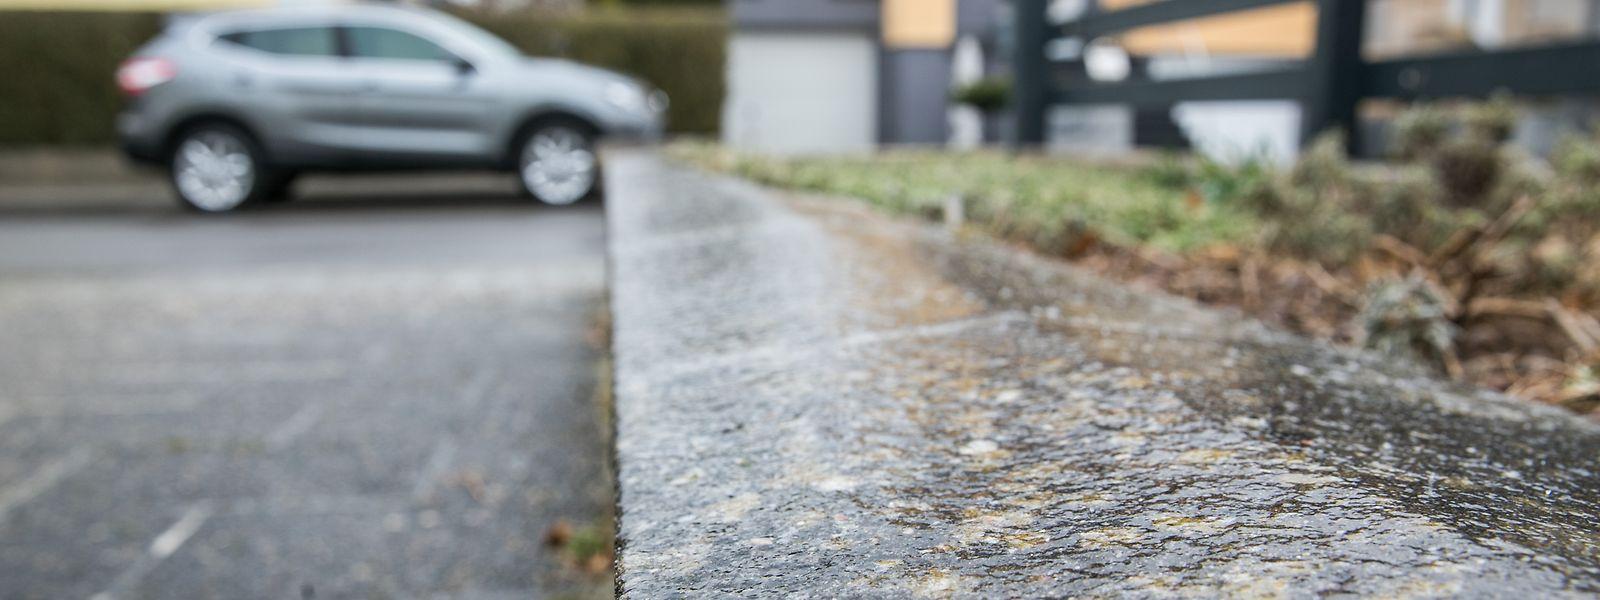 In der Nacht auf Samstag könnte es glatt werden auf Luxemburgs Straßen.